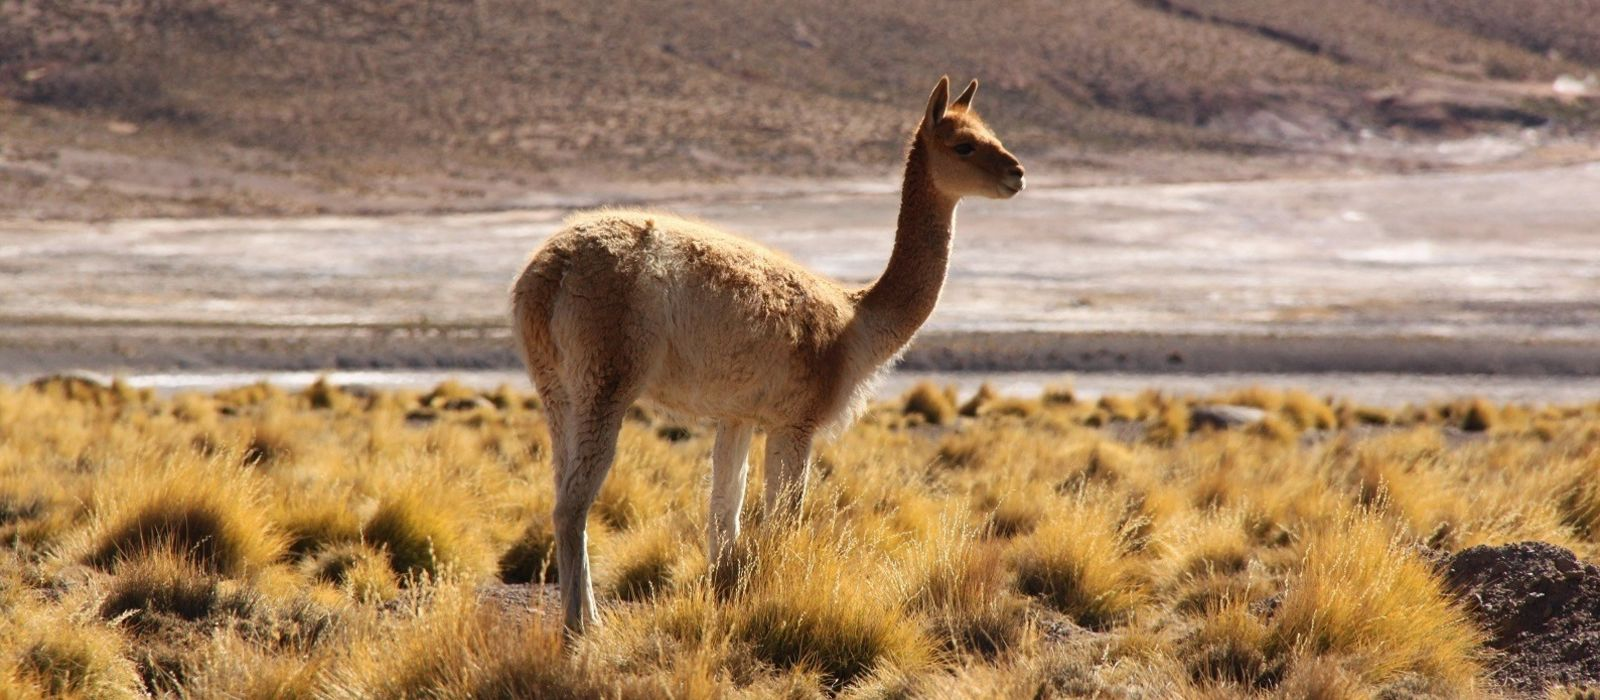 Chile Awasi: Außergewöhnlich mit Awasi Urlaub 8